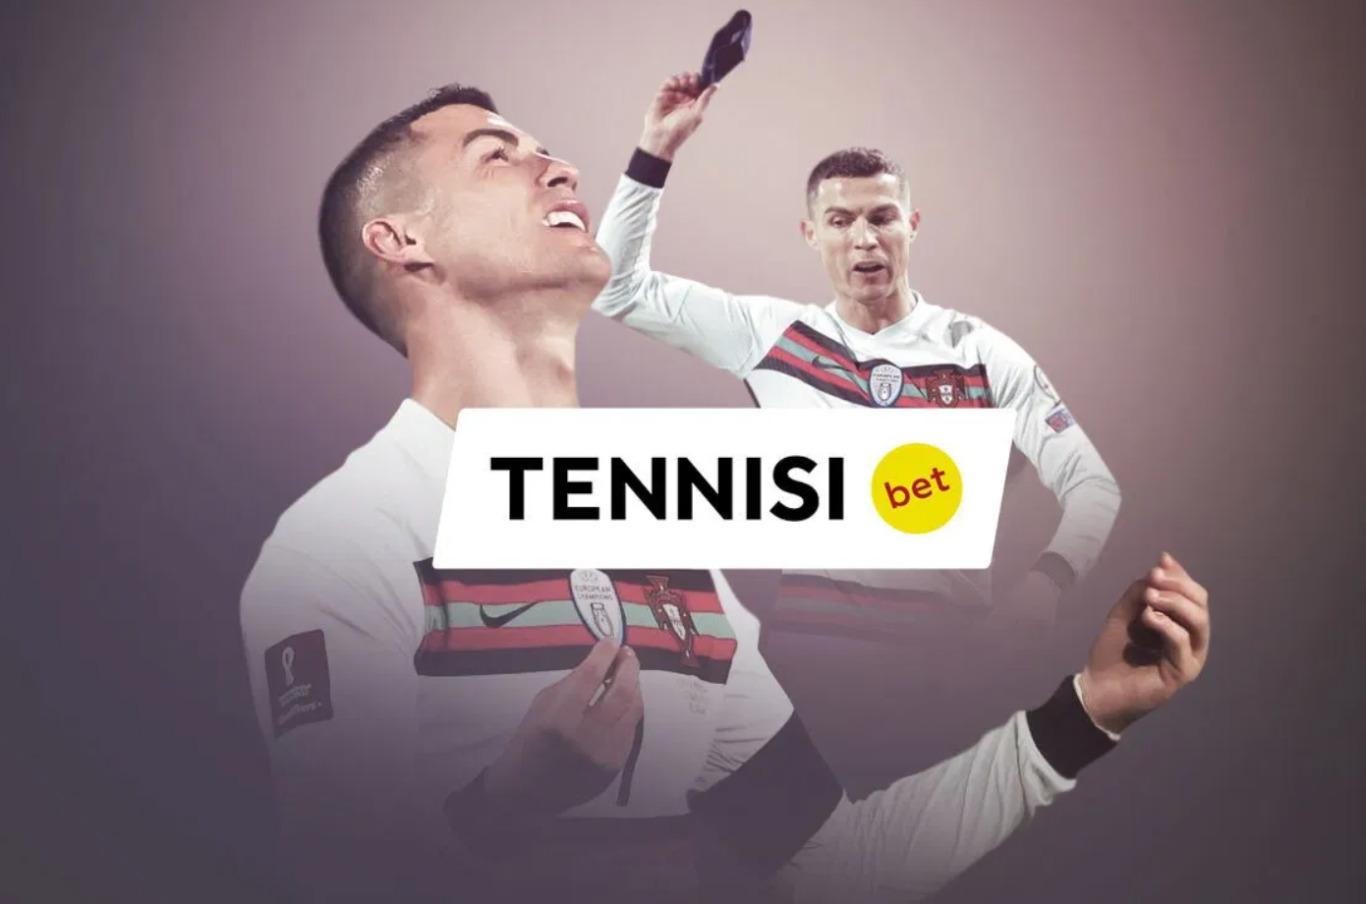 Тенниси каттоо: расмий сайтта анкетаны толтуруу